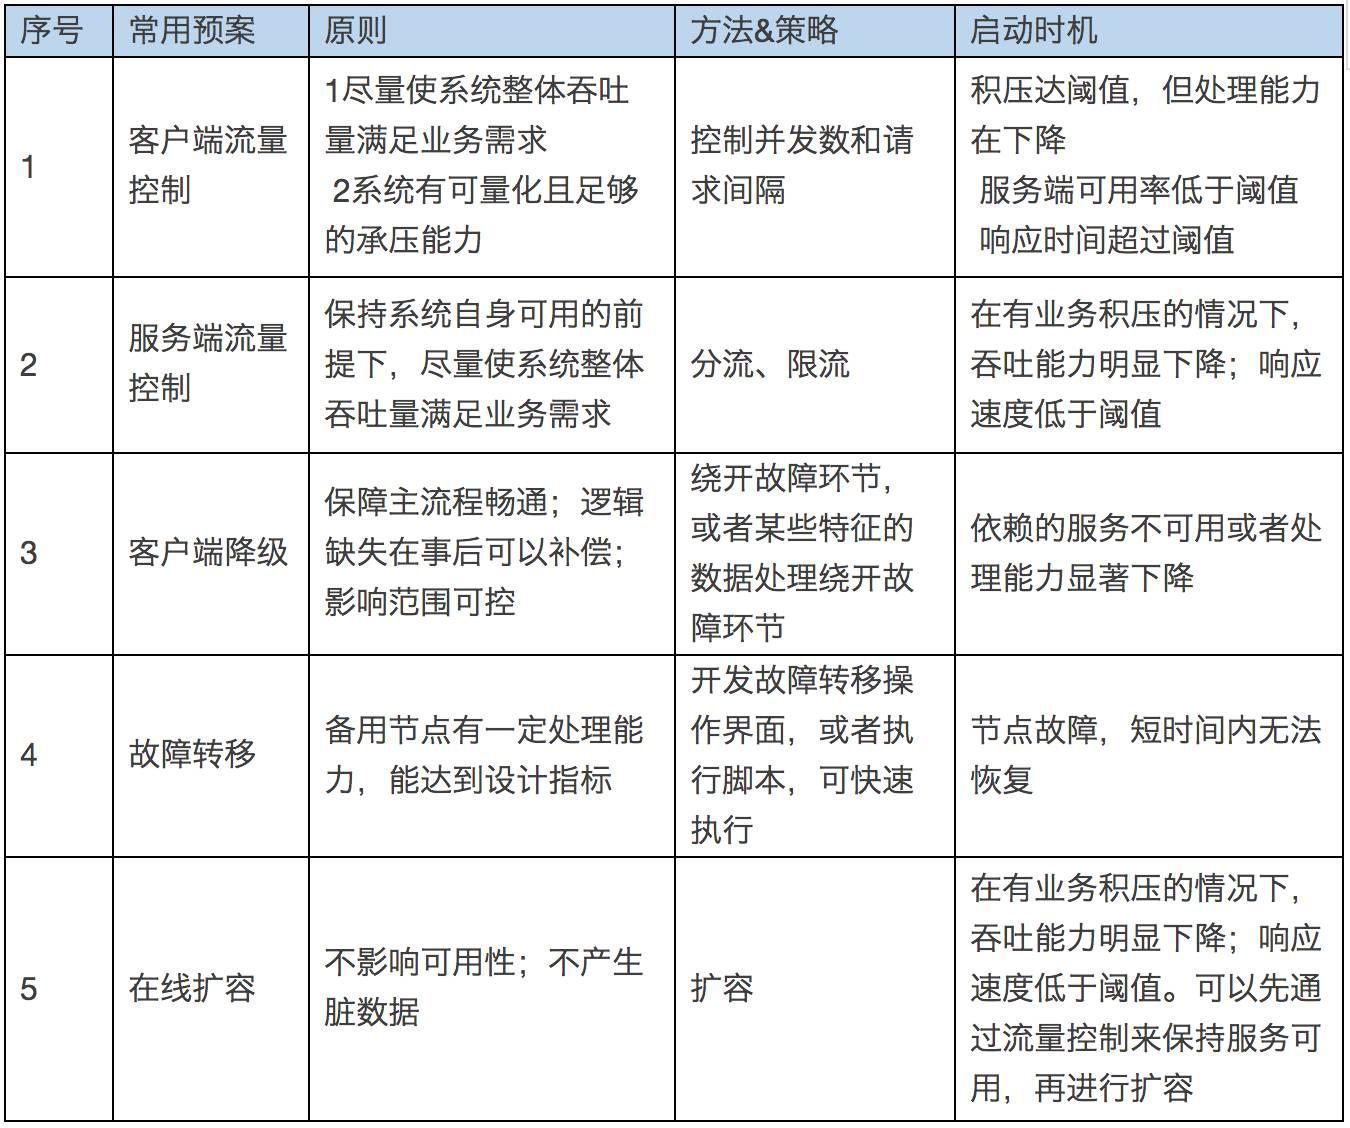 京东大促备战思路2.0大揭秘插图(13)